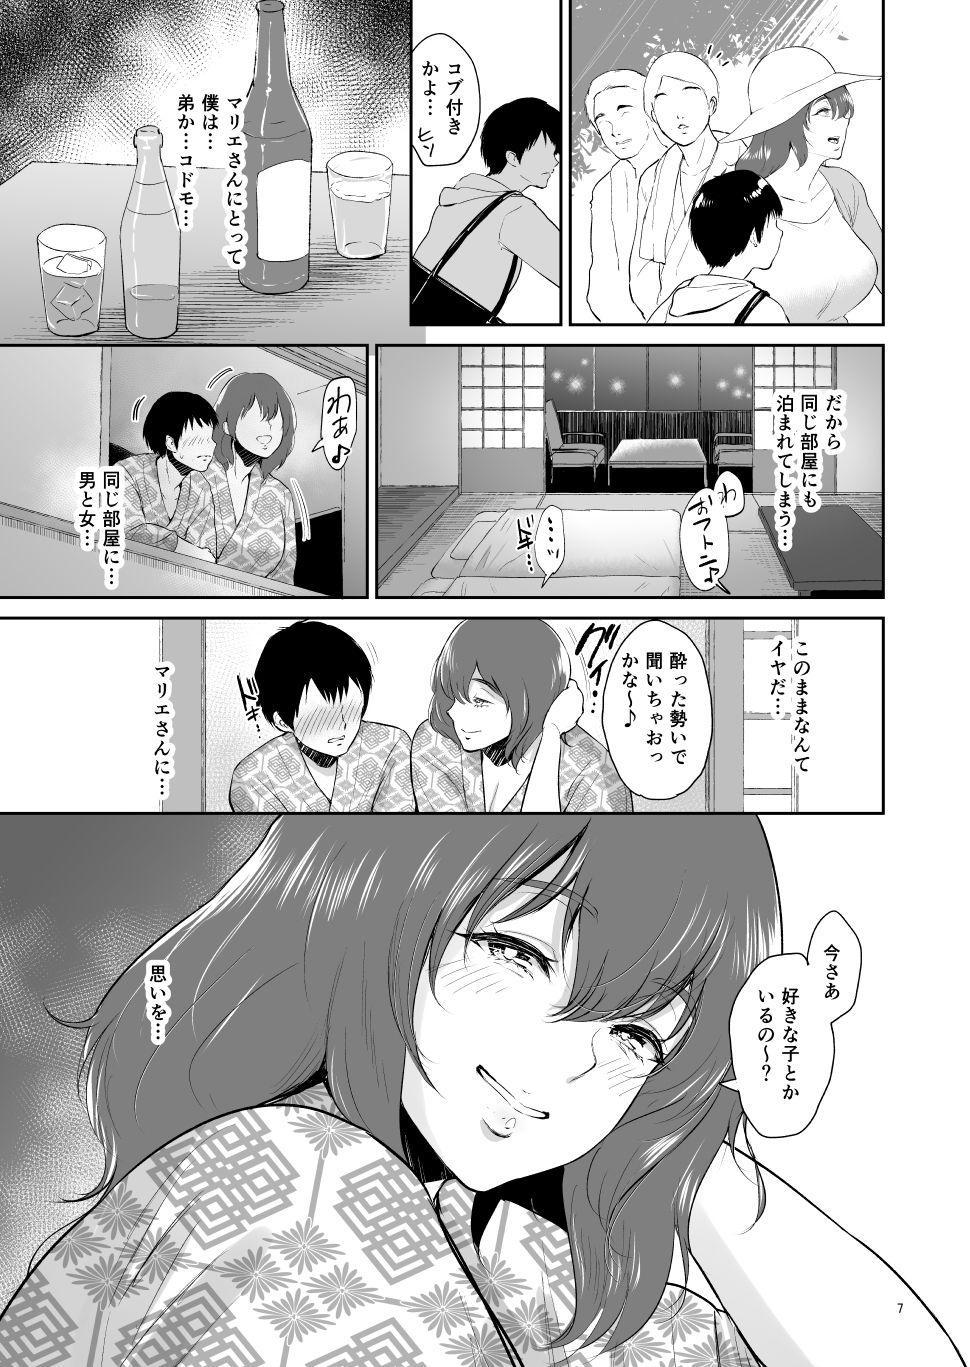 [yogurt (bifidus)] Marie-san to Onsen e - Otonari no Kyonyuu Onee-san to Kazokuburo de... [Digital] 5